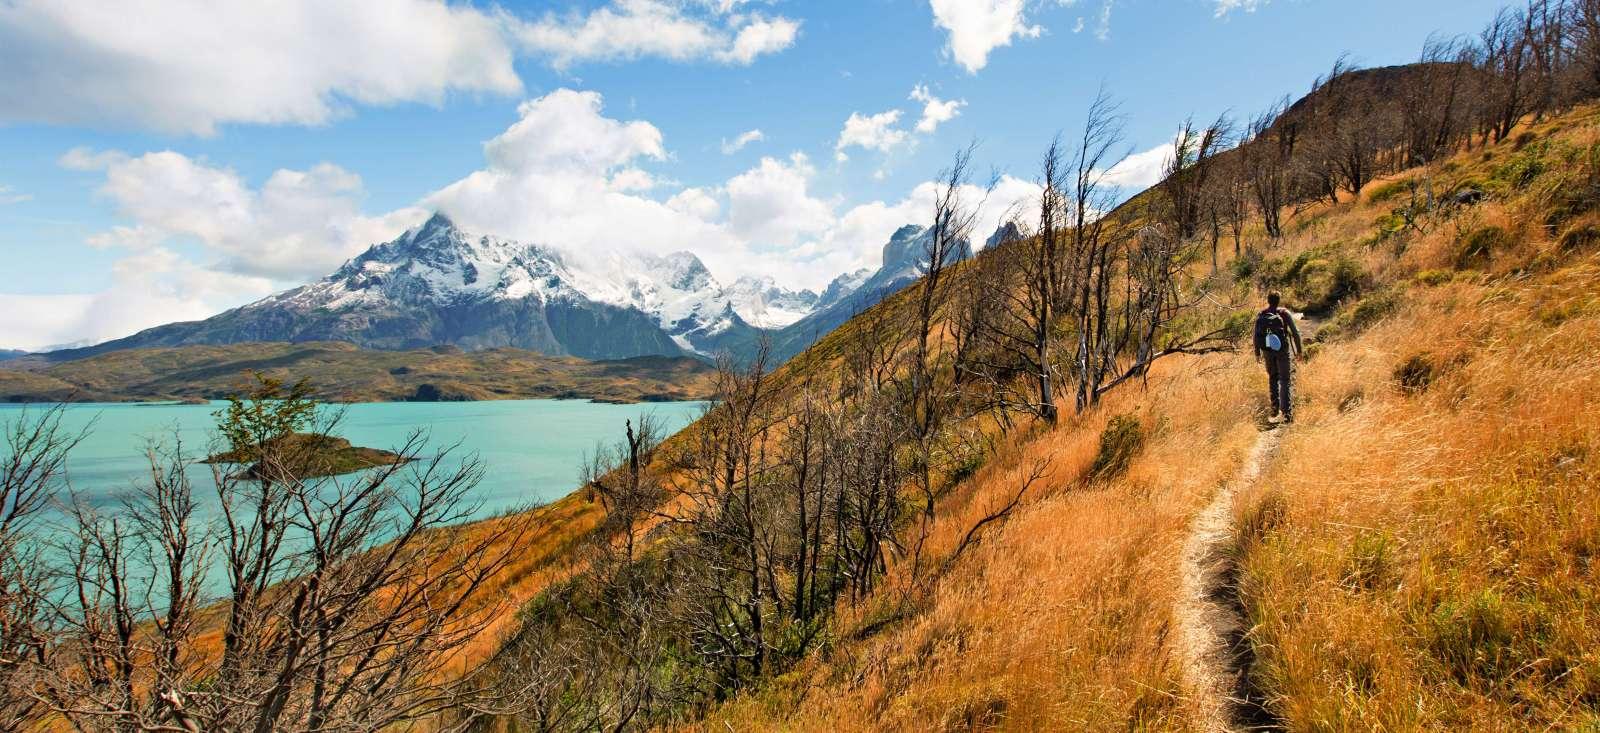 Voyage à pied : Argentine & Chili, rendez-vous en Patagonie